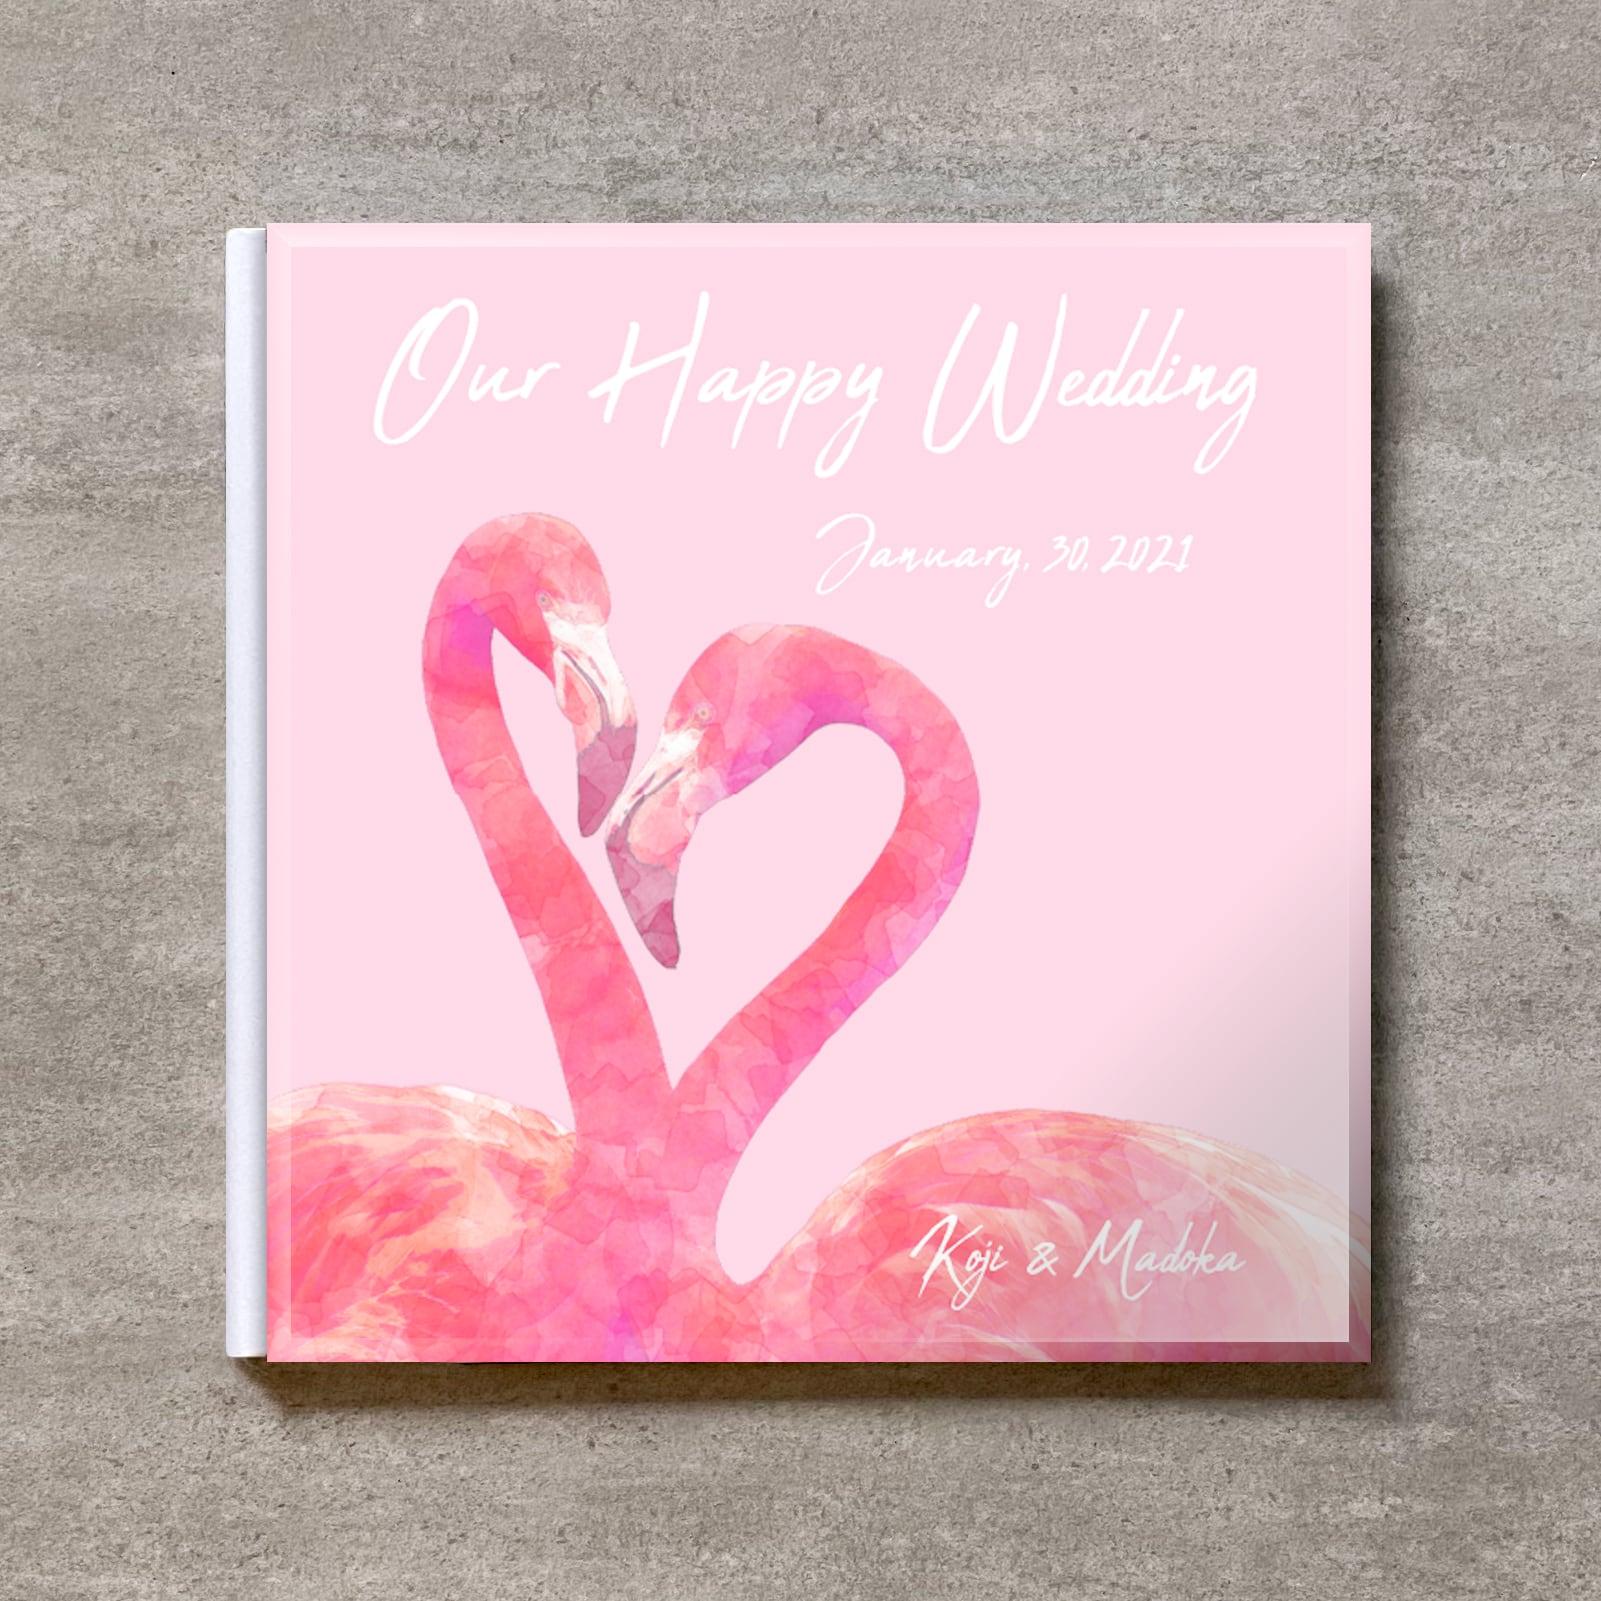 Pink Flamingo_A4スクエア_10ページ/20カット_クラシックアルバム(アクリルカバー)